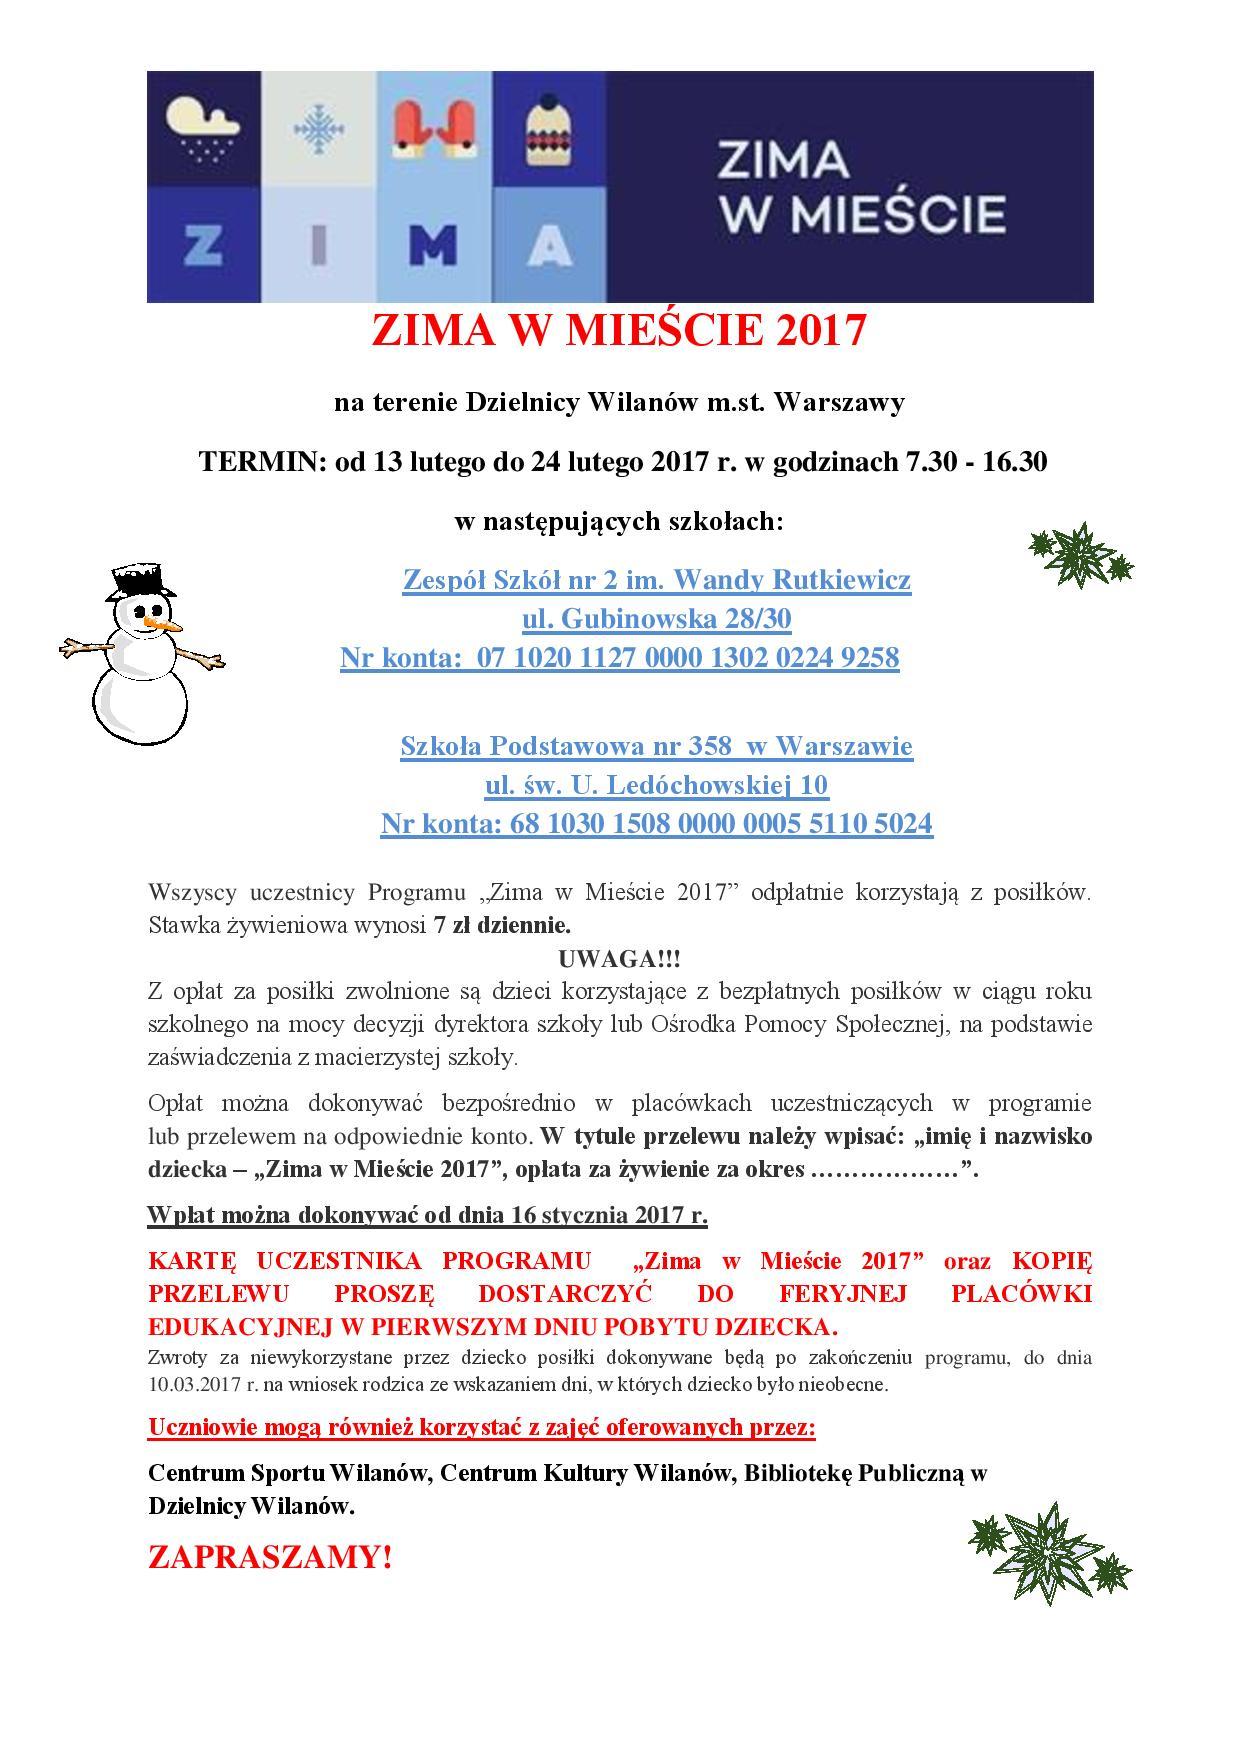 zima_w_miescie_2017